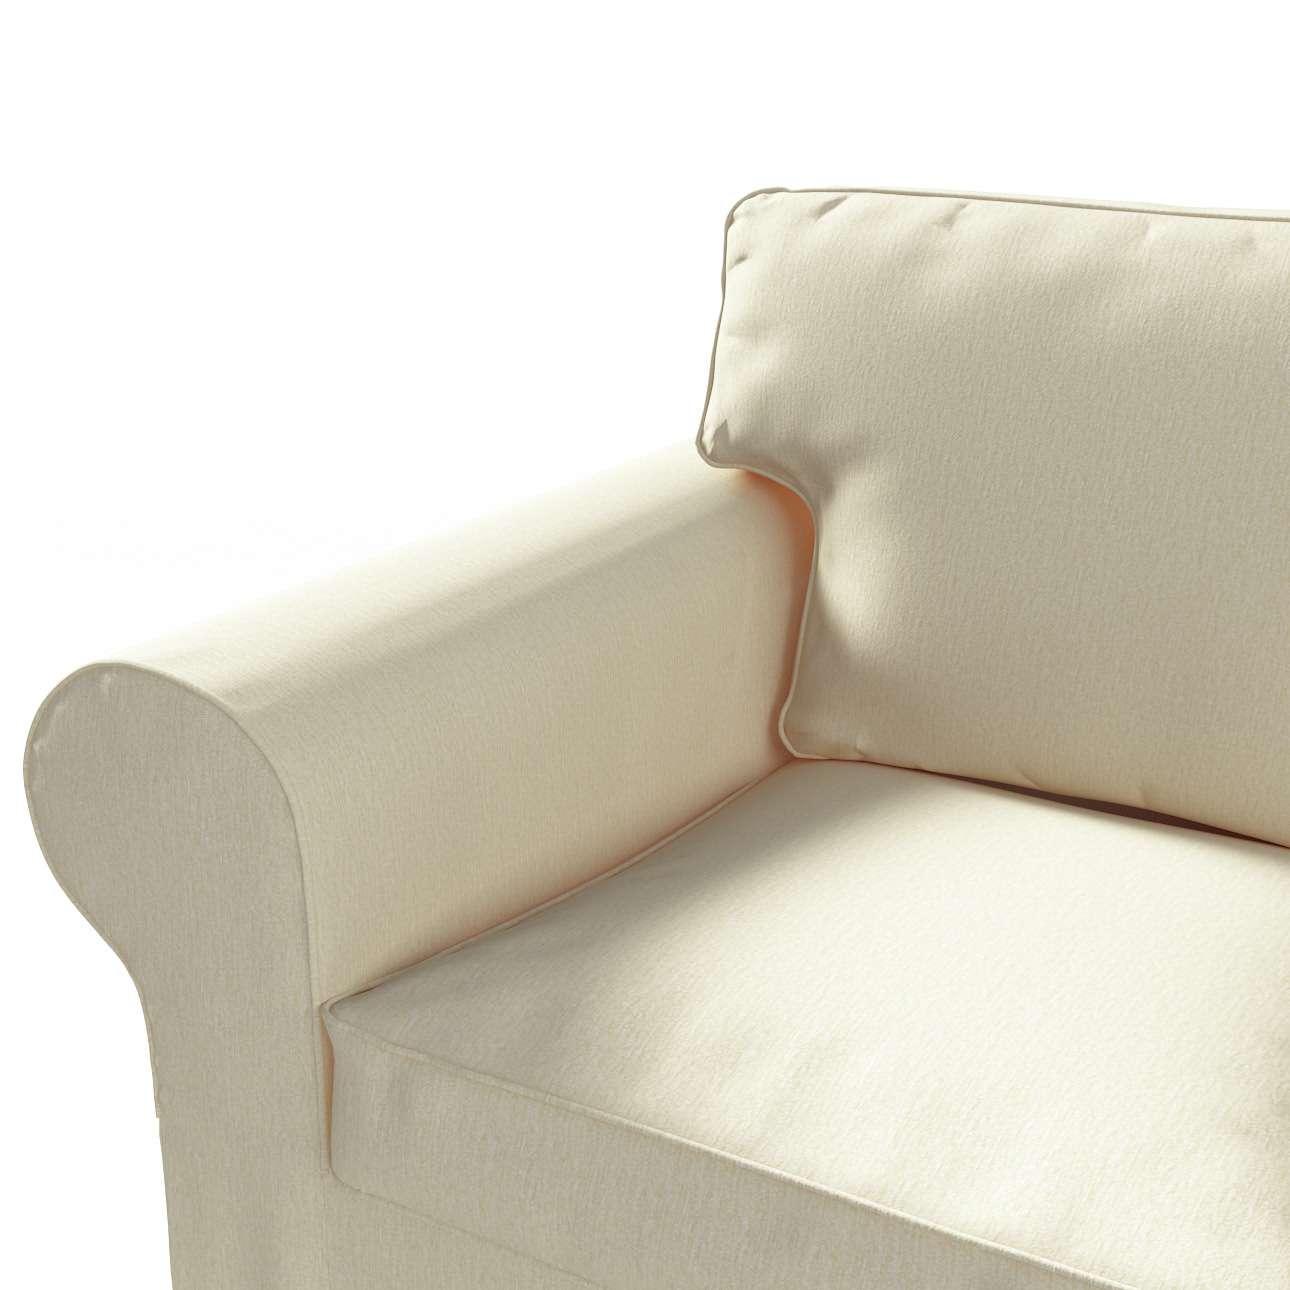 Pokrowiec na sofę Ektorp 3-osobową, rozkładaną, PIXBO w kolekcji Chenille, tkanina: 702-22